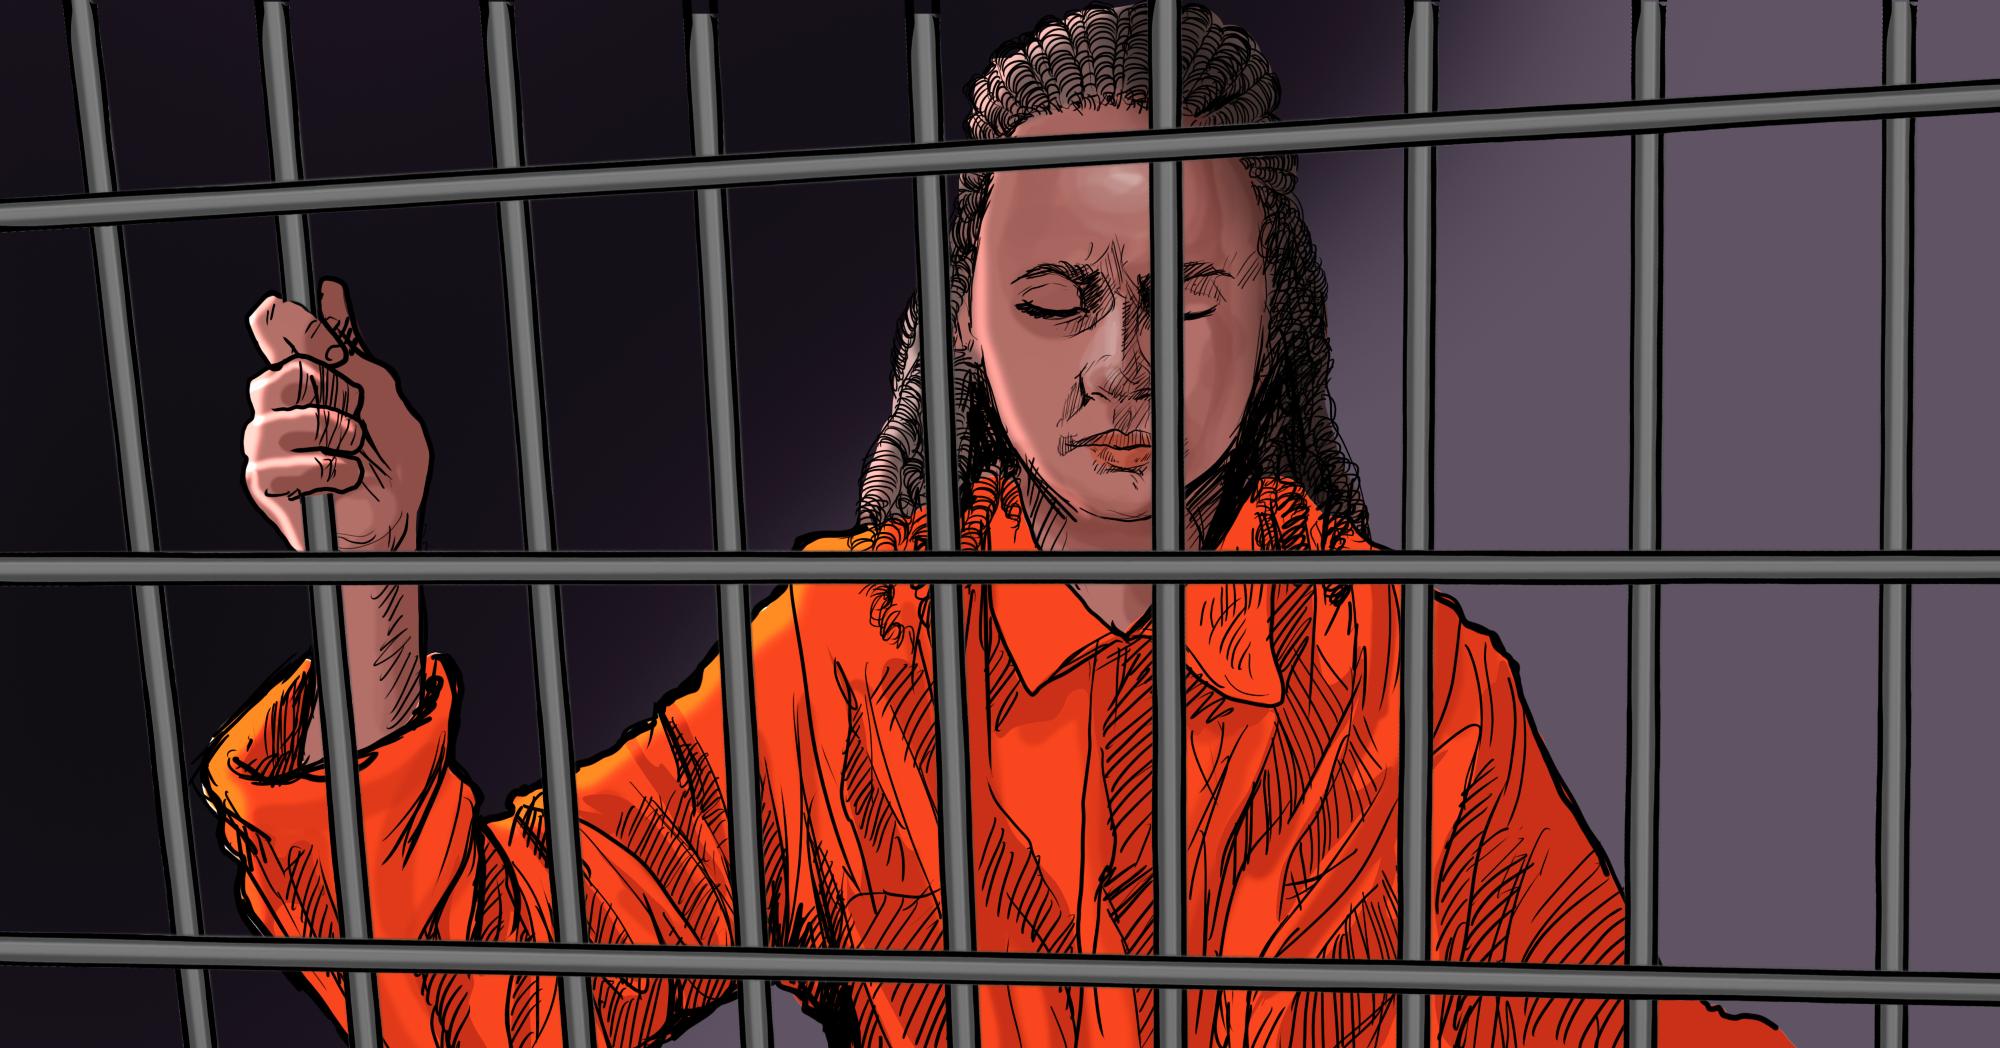 Sandra ficou 30 meses na penitenciária em Recife sem receber uma única visita, sem ver seus pais e filhos (Ilustração: Claudio Duarte)